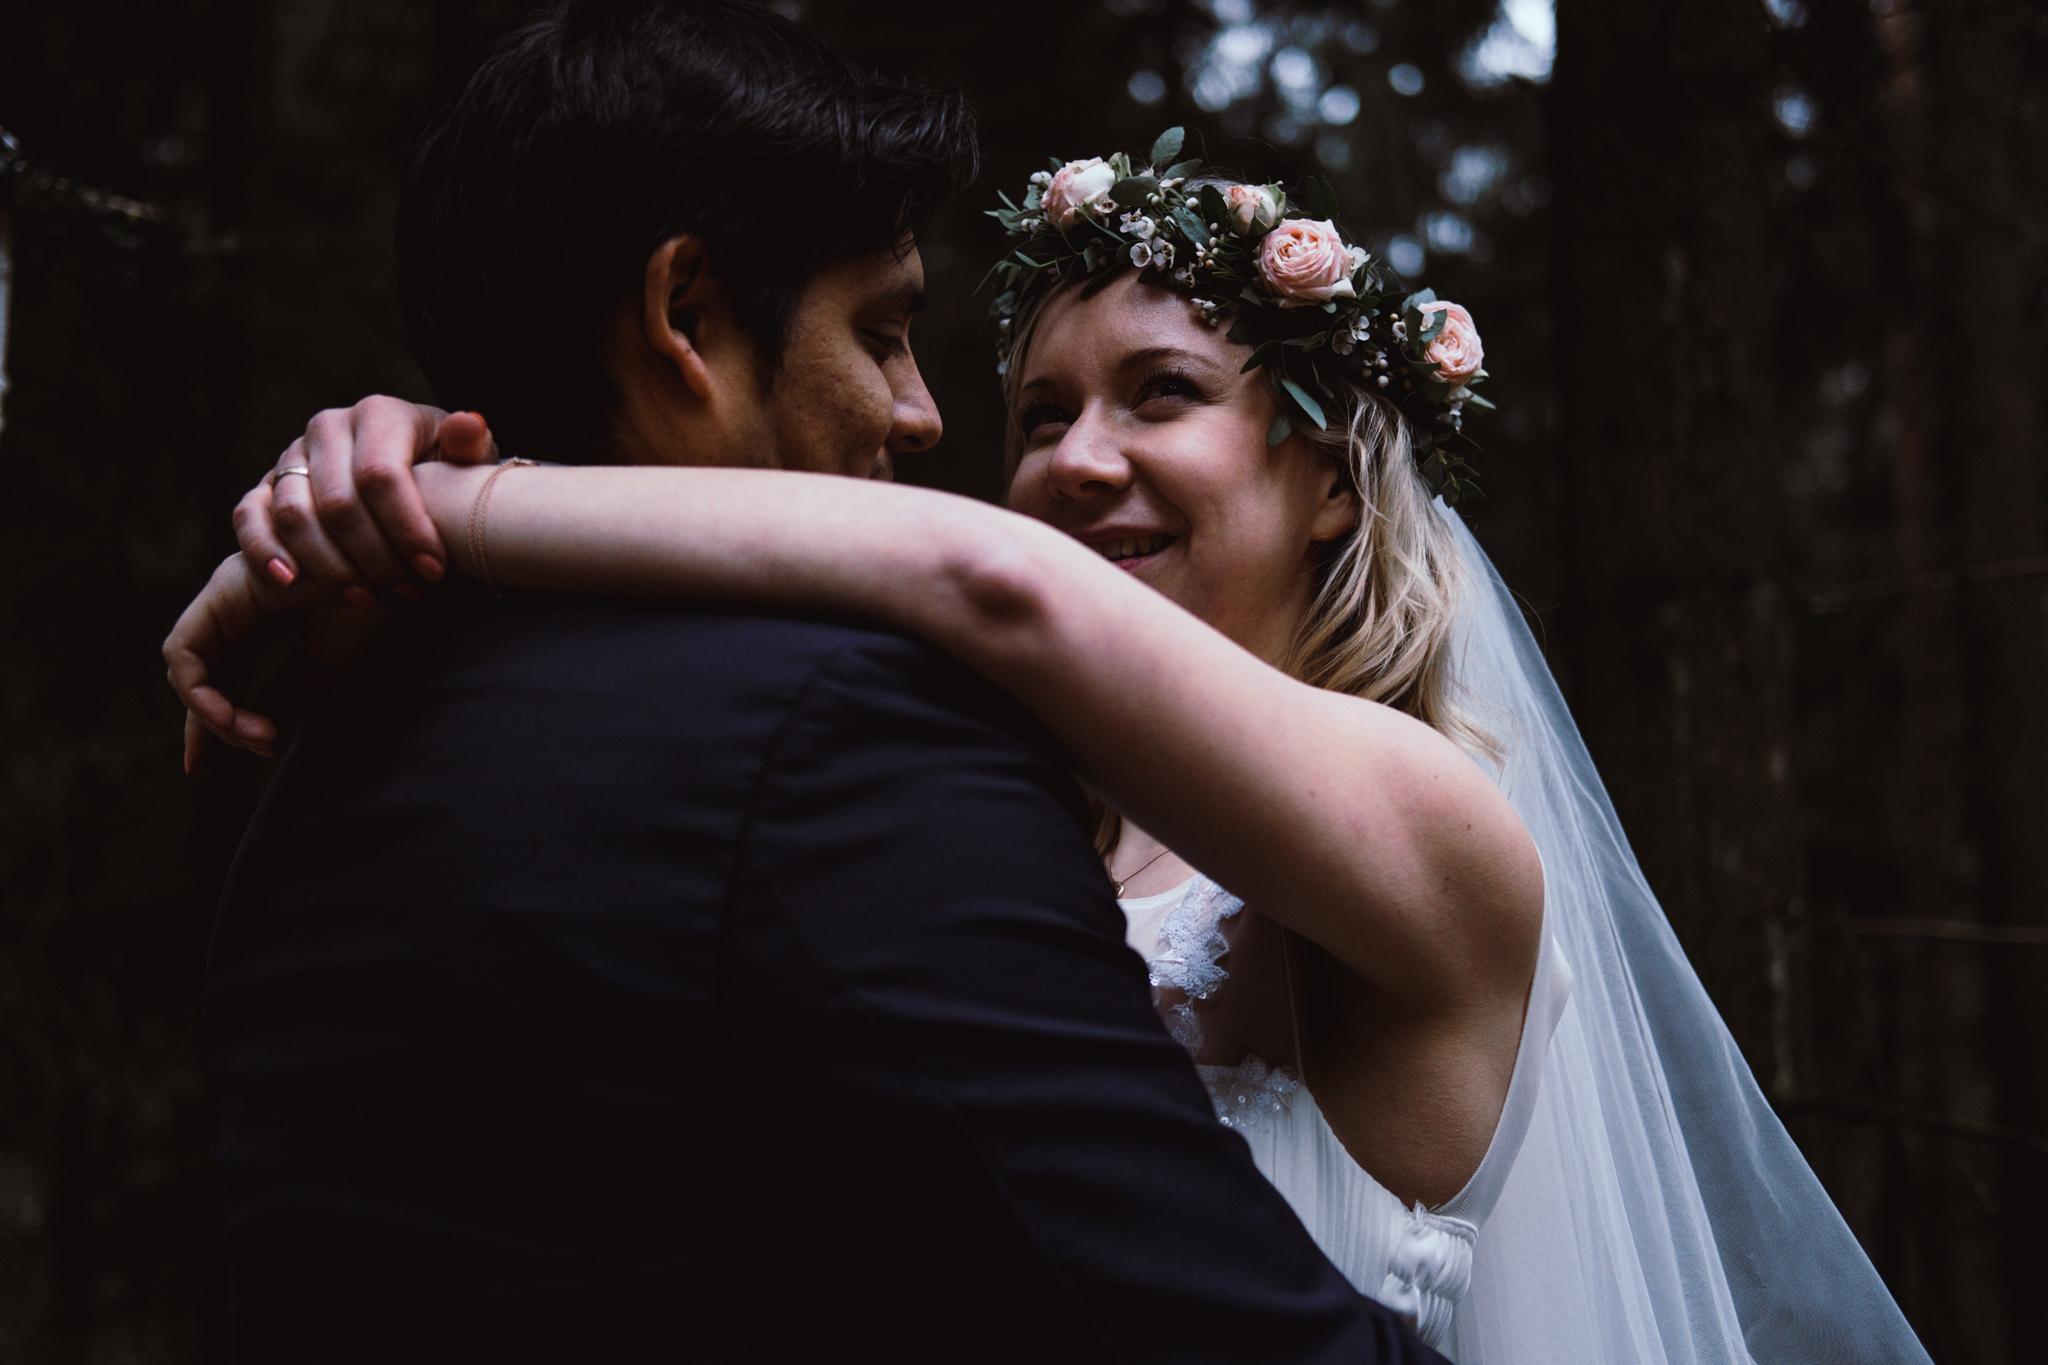 Braut Arm in Arm tanzen Wald